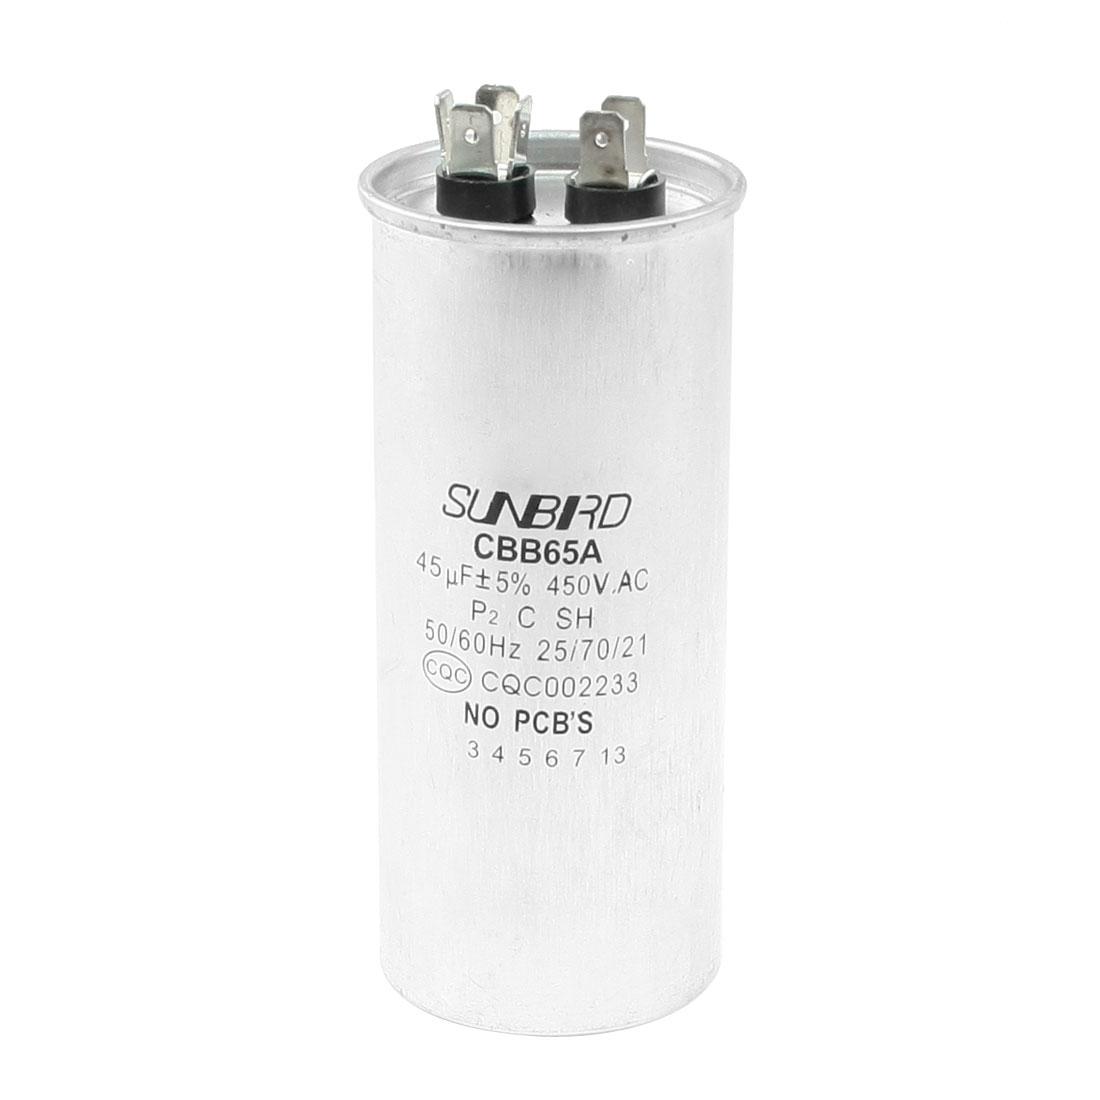 CBB65A AC 450V 45uF Non Polar Air Conditioner Motor Capacitor